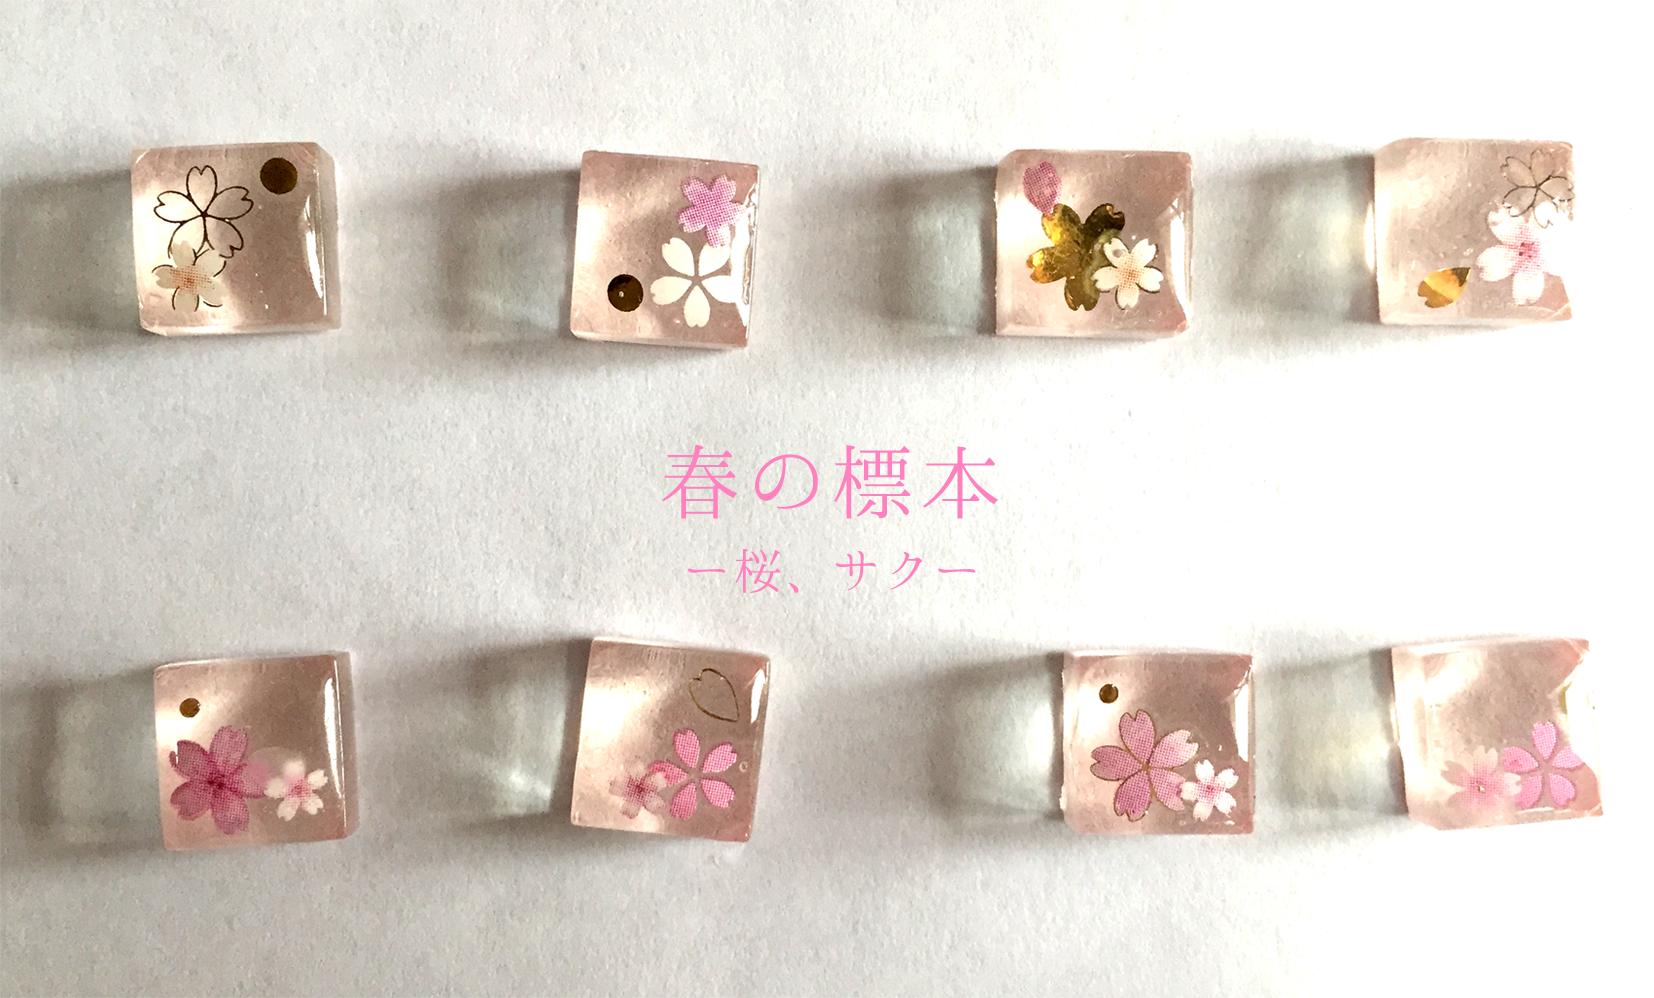 sakura_01_01.png